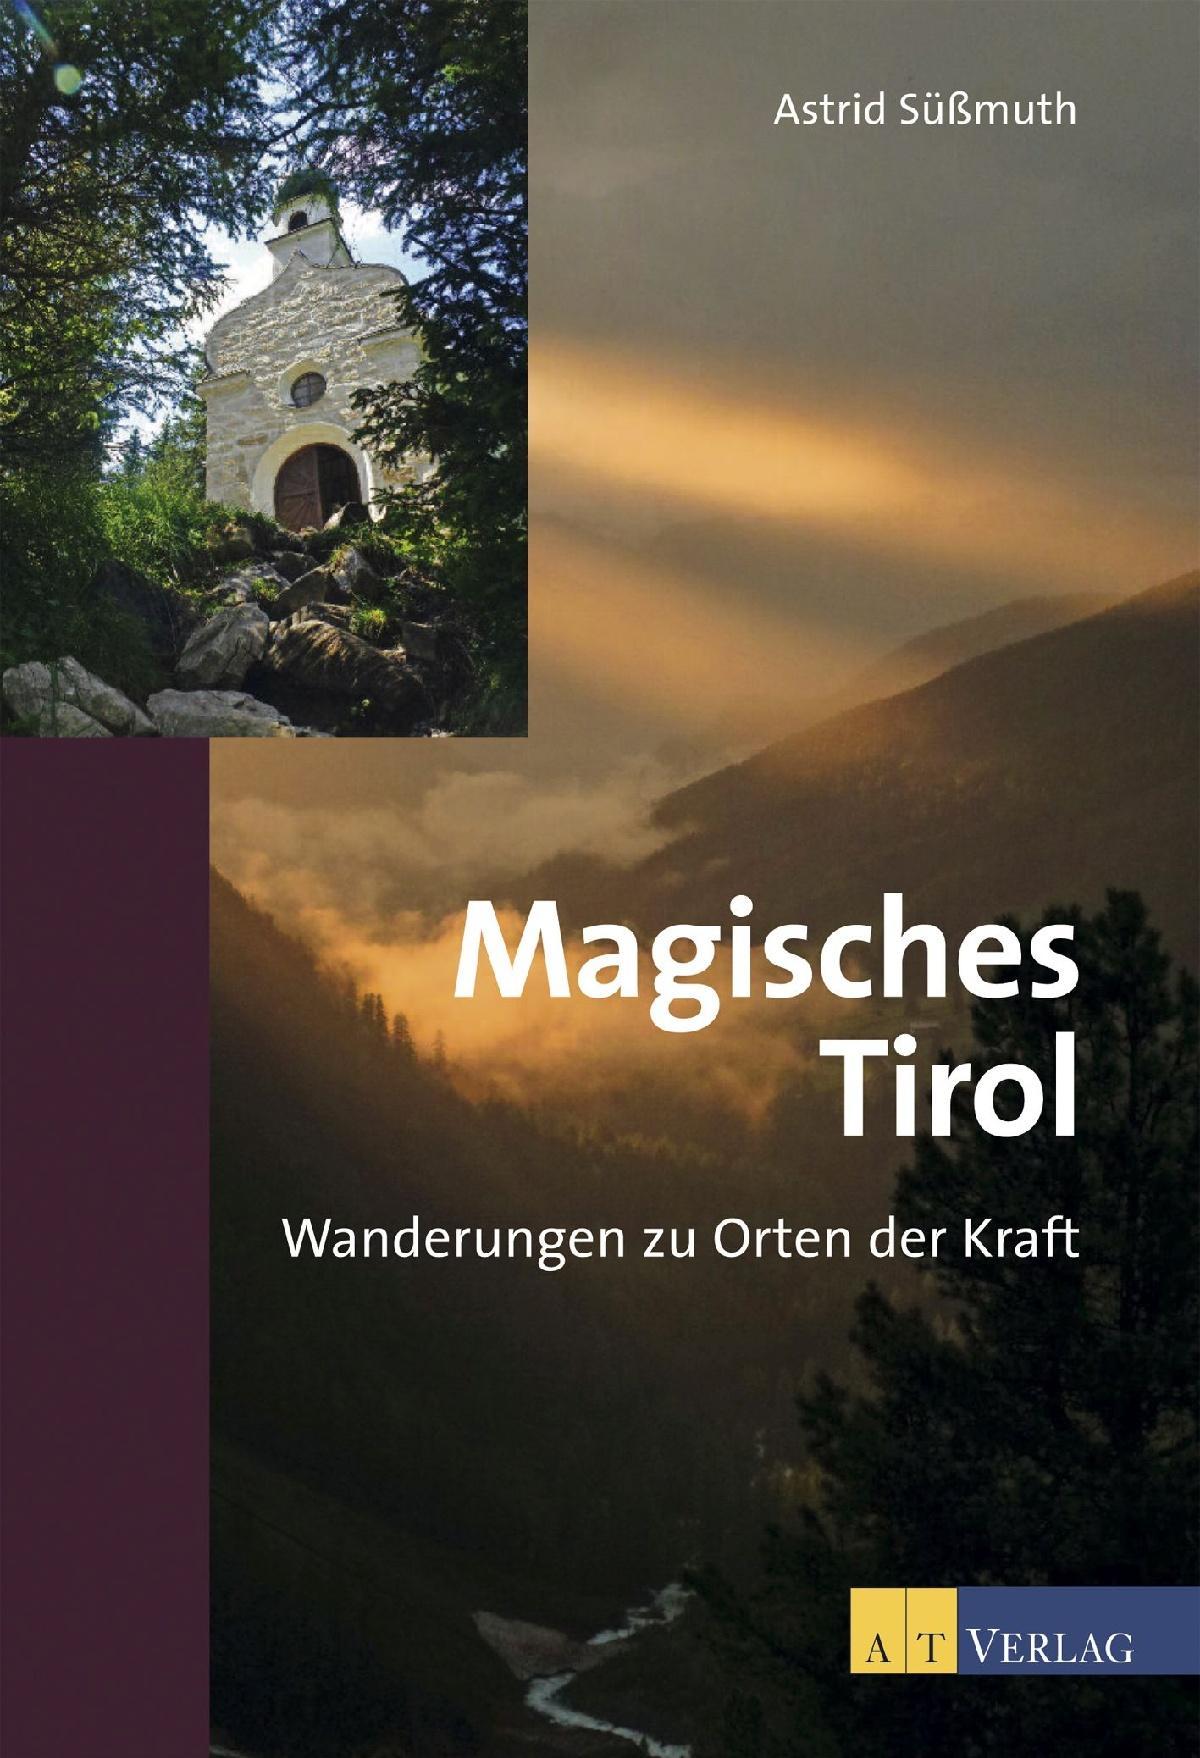 Magisches Tirol Astrid Süssmuth